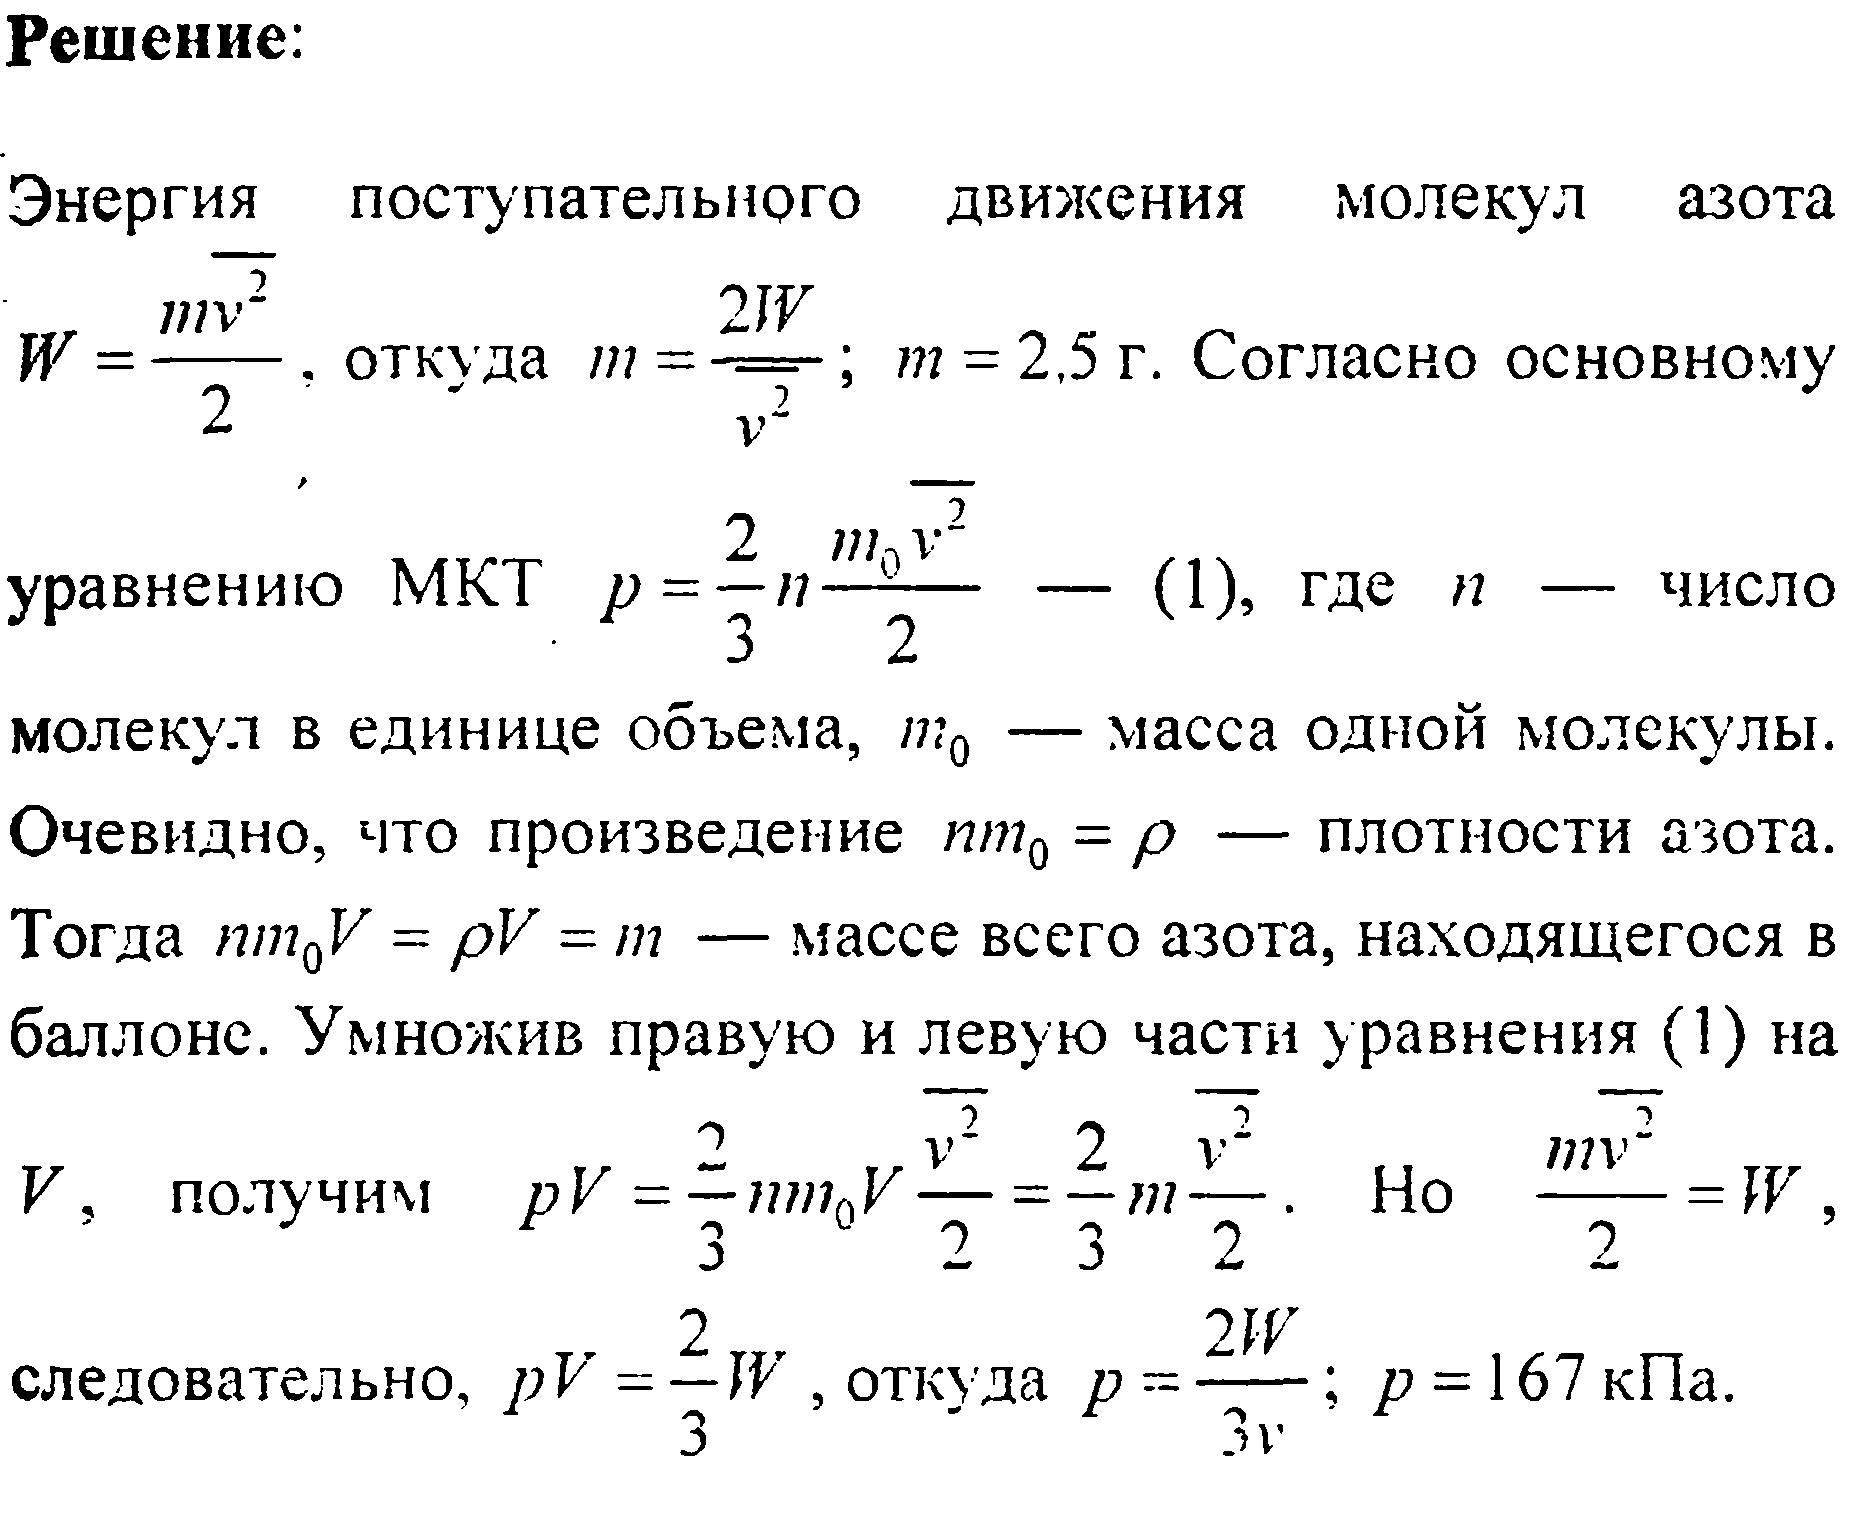 решения задач и контрольных Молекулярная физика термодинамика № Готовые решения задач и контрольных Молекулярная физика термодинамика №12